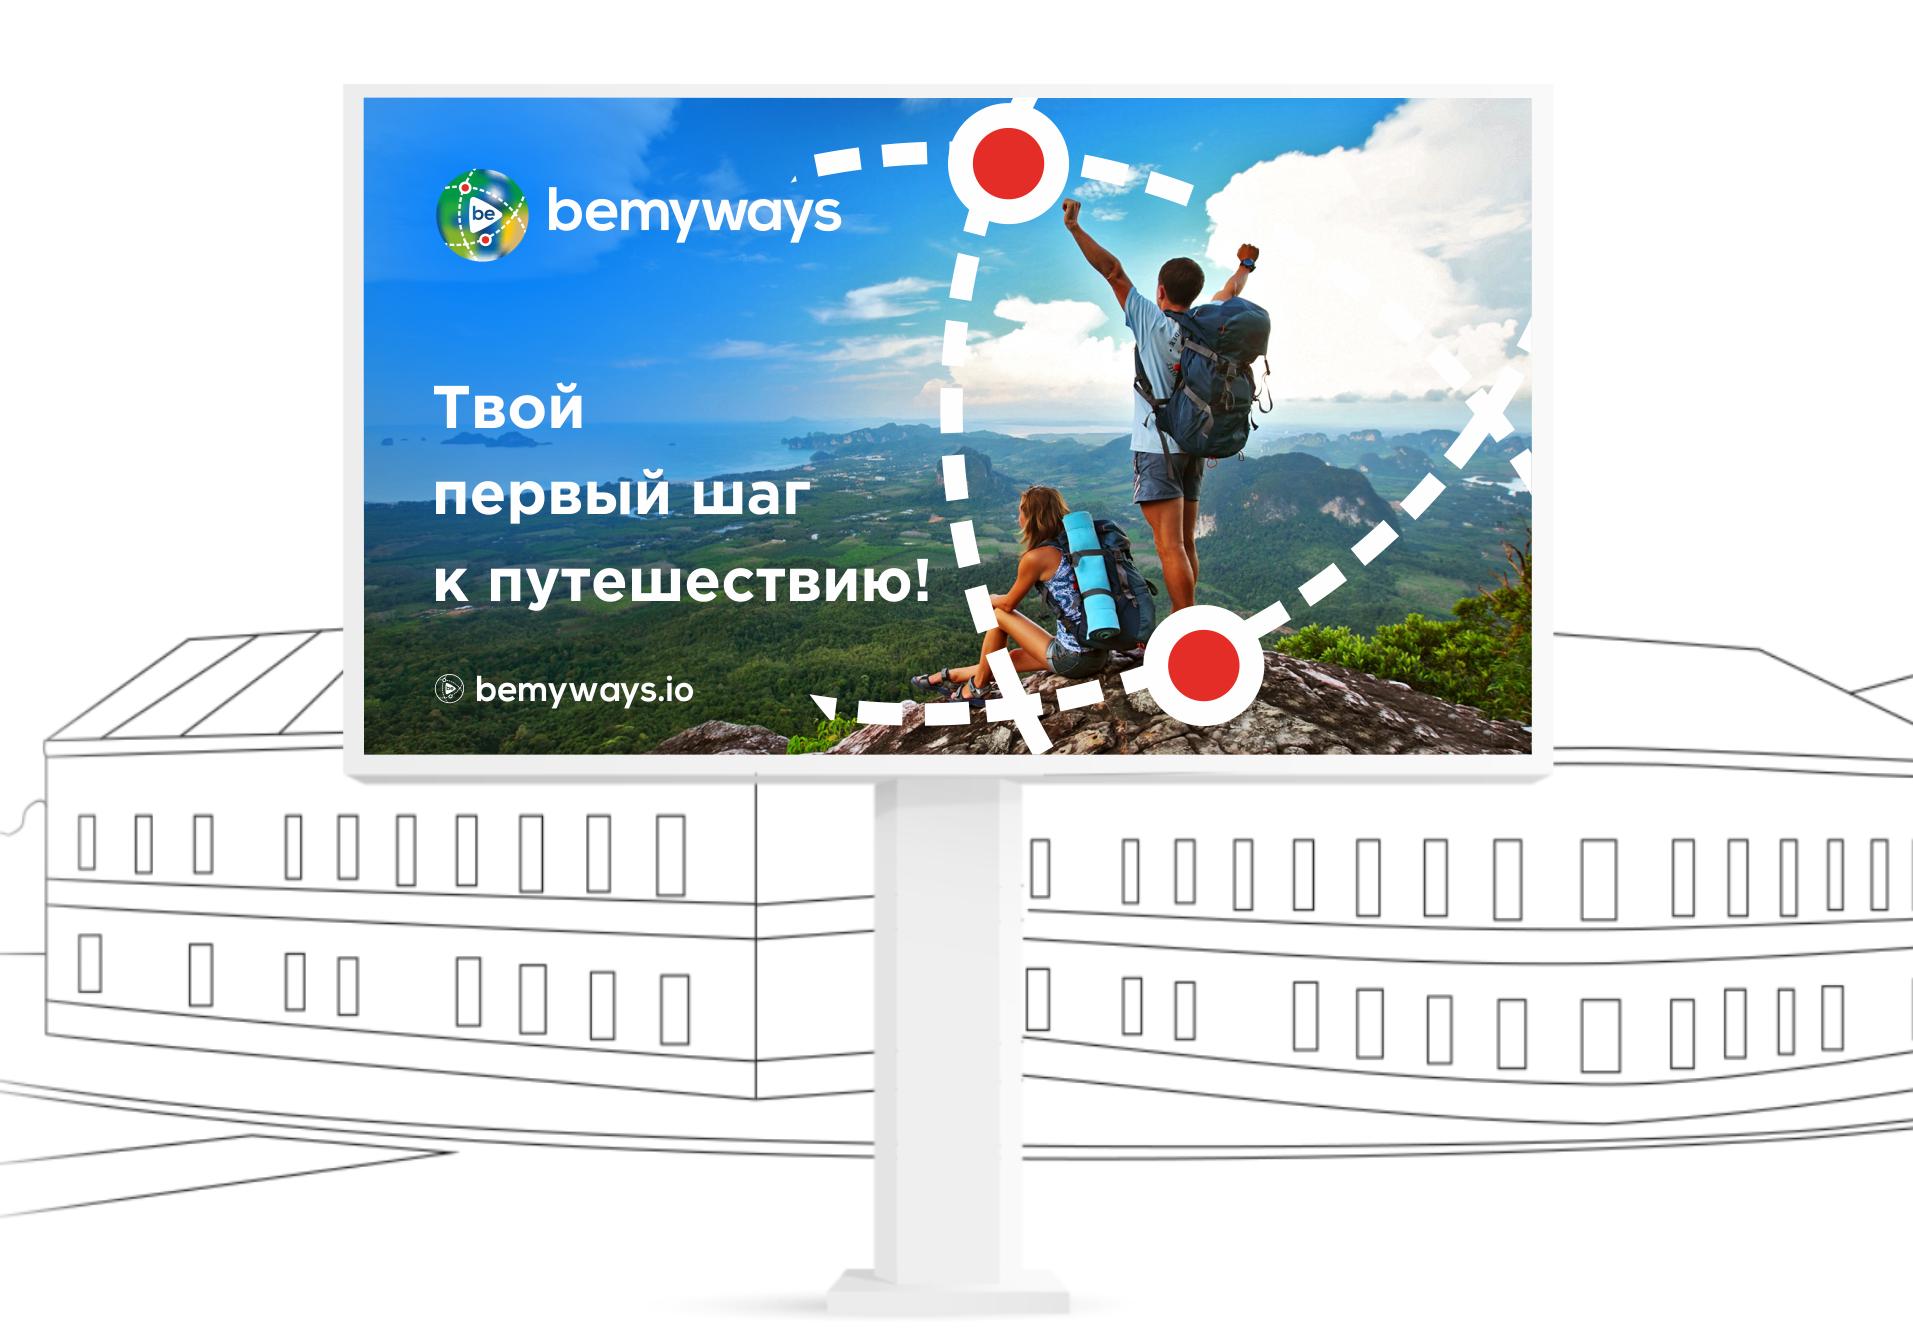 Разработка логотипа и иконки для Travel Video Platform фото f_7845c371e3b6c543.png